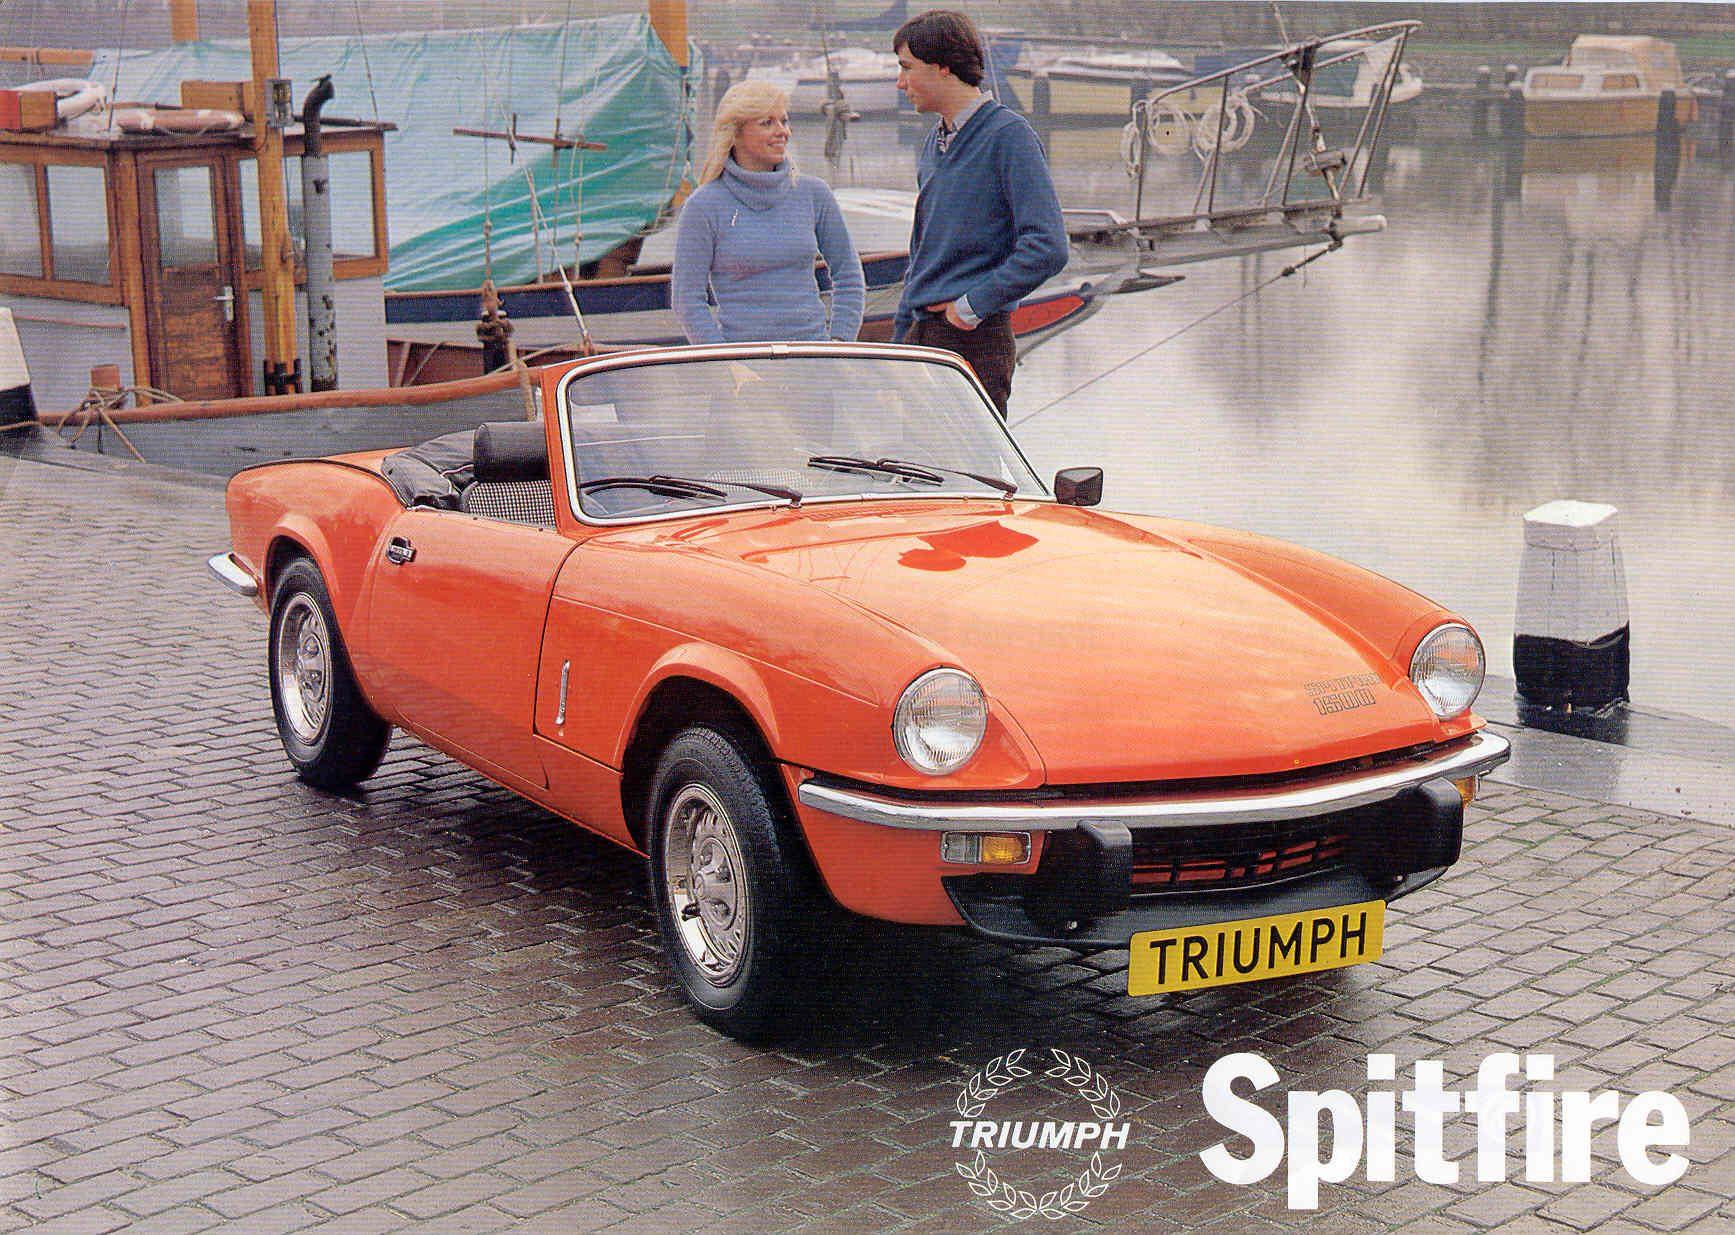 triumph spitfire mk iv 1500 ads brochures pinterest. Black Bedroom Furniture Sets. Home Design Ideas